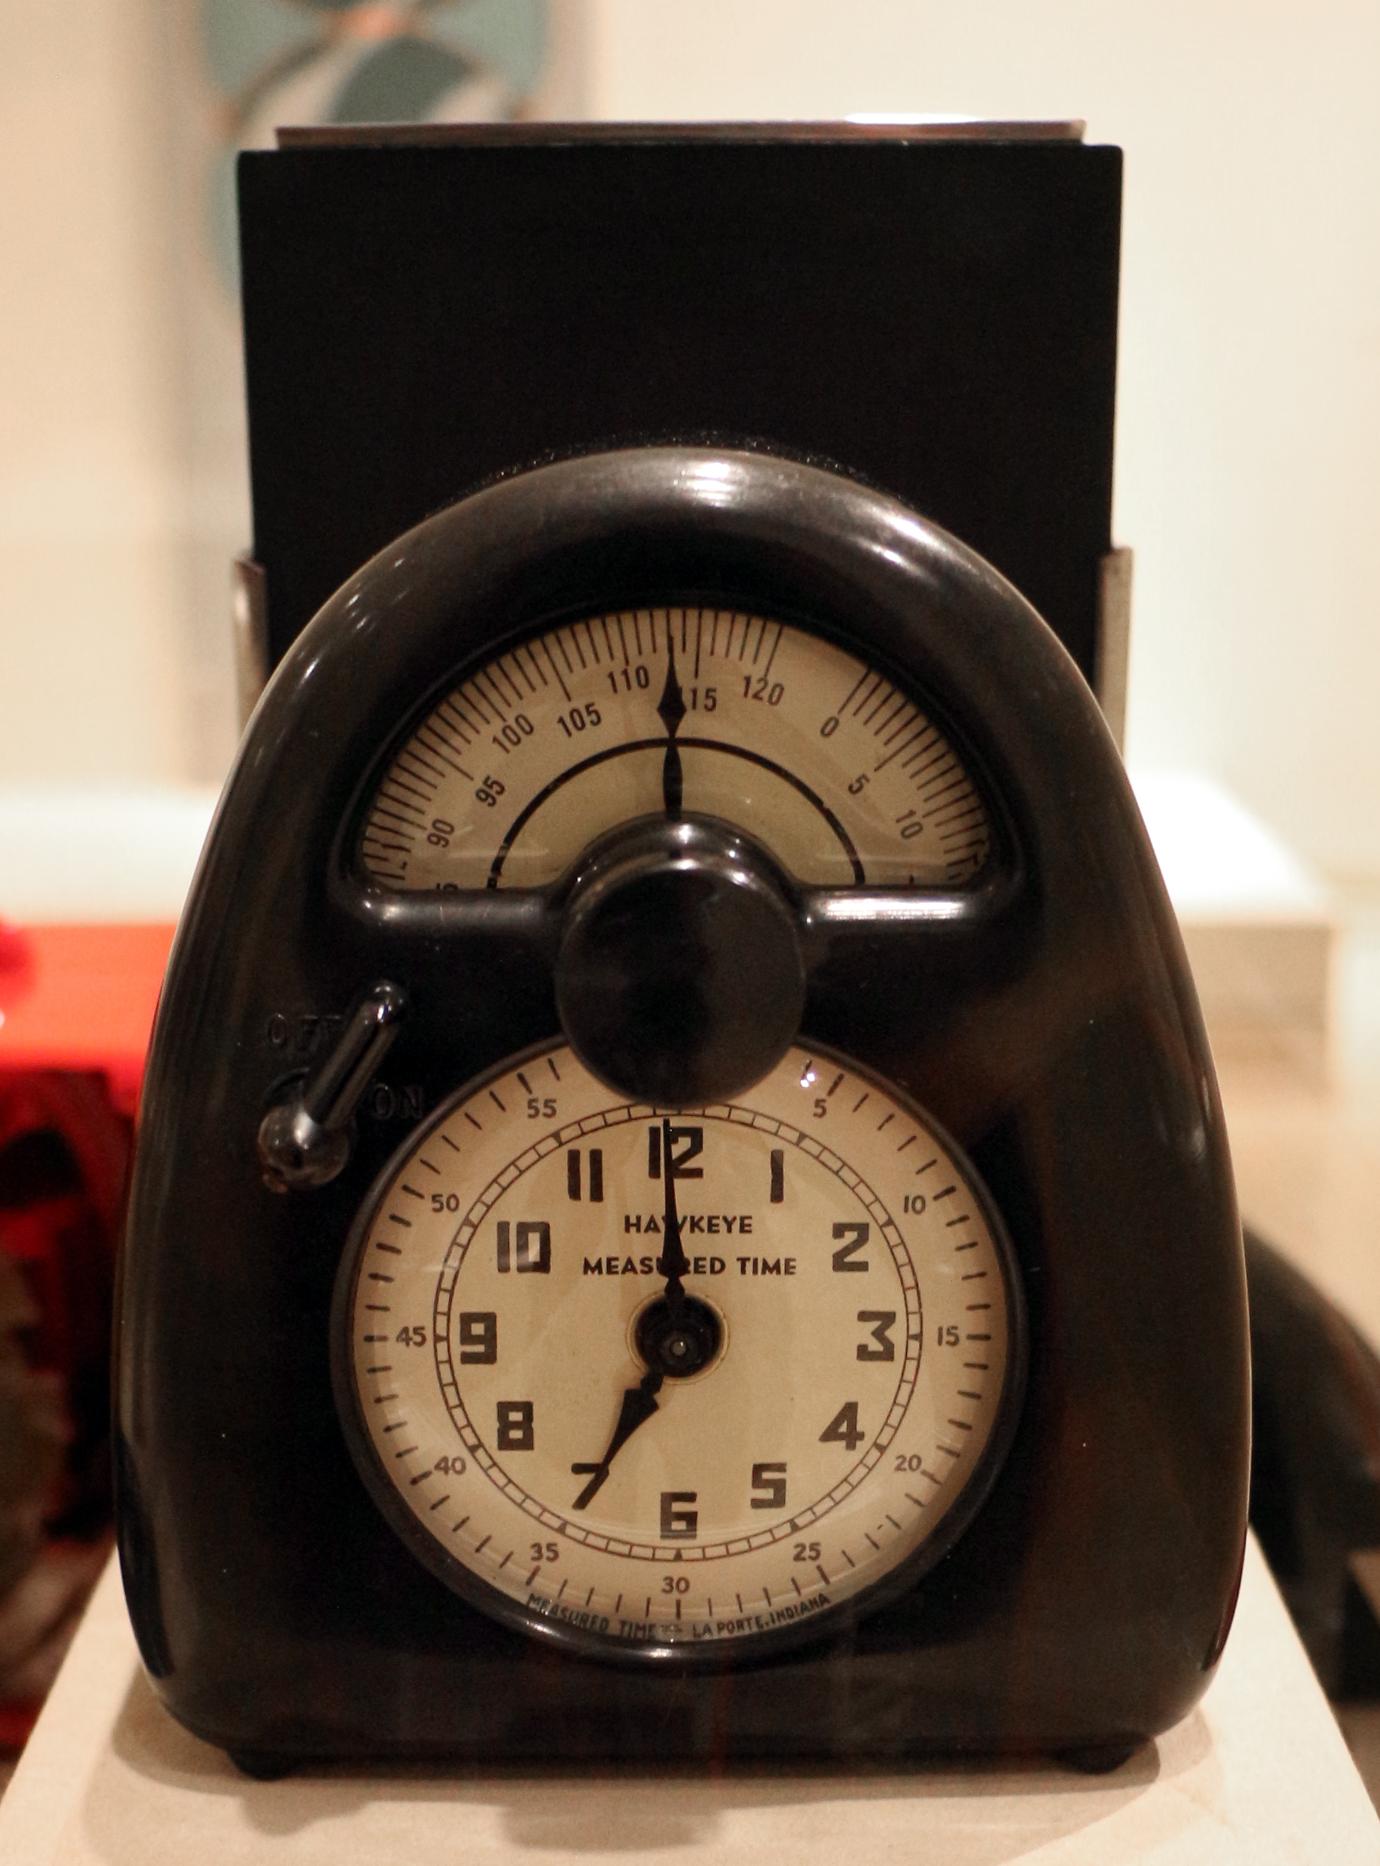 File:Isamu noguchi, orologio e timer da cucina mesaured time, 1932 ...